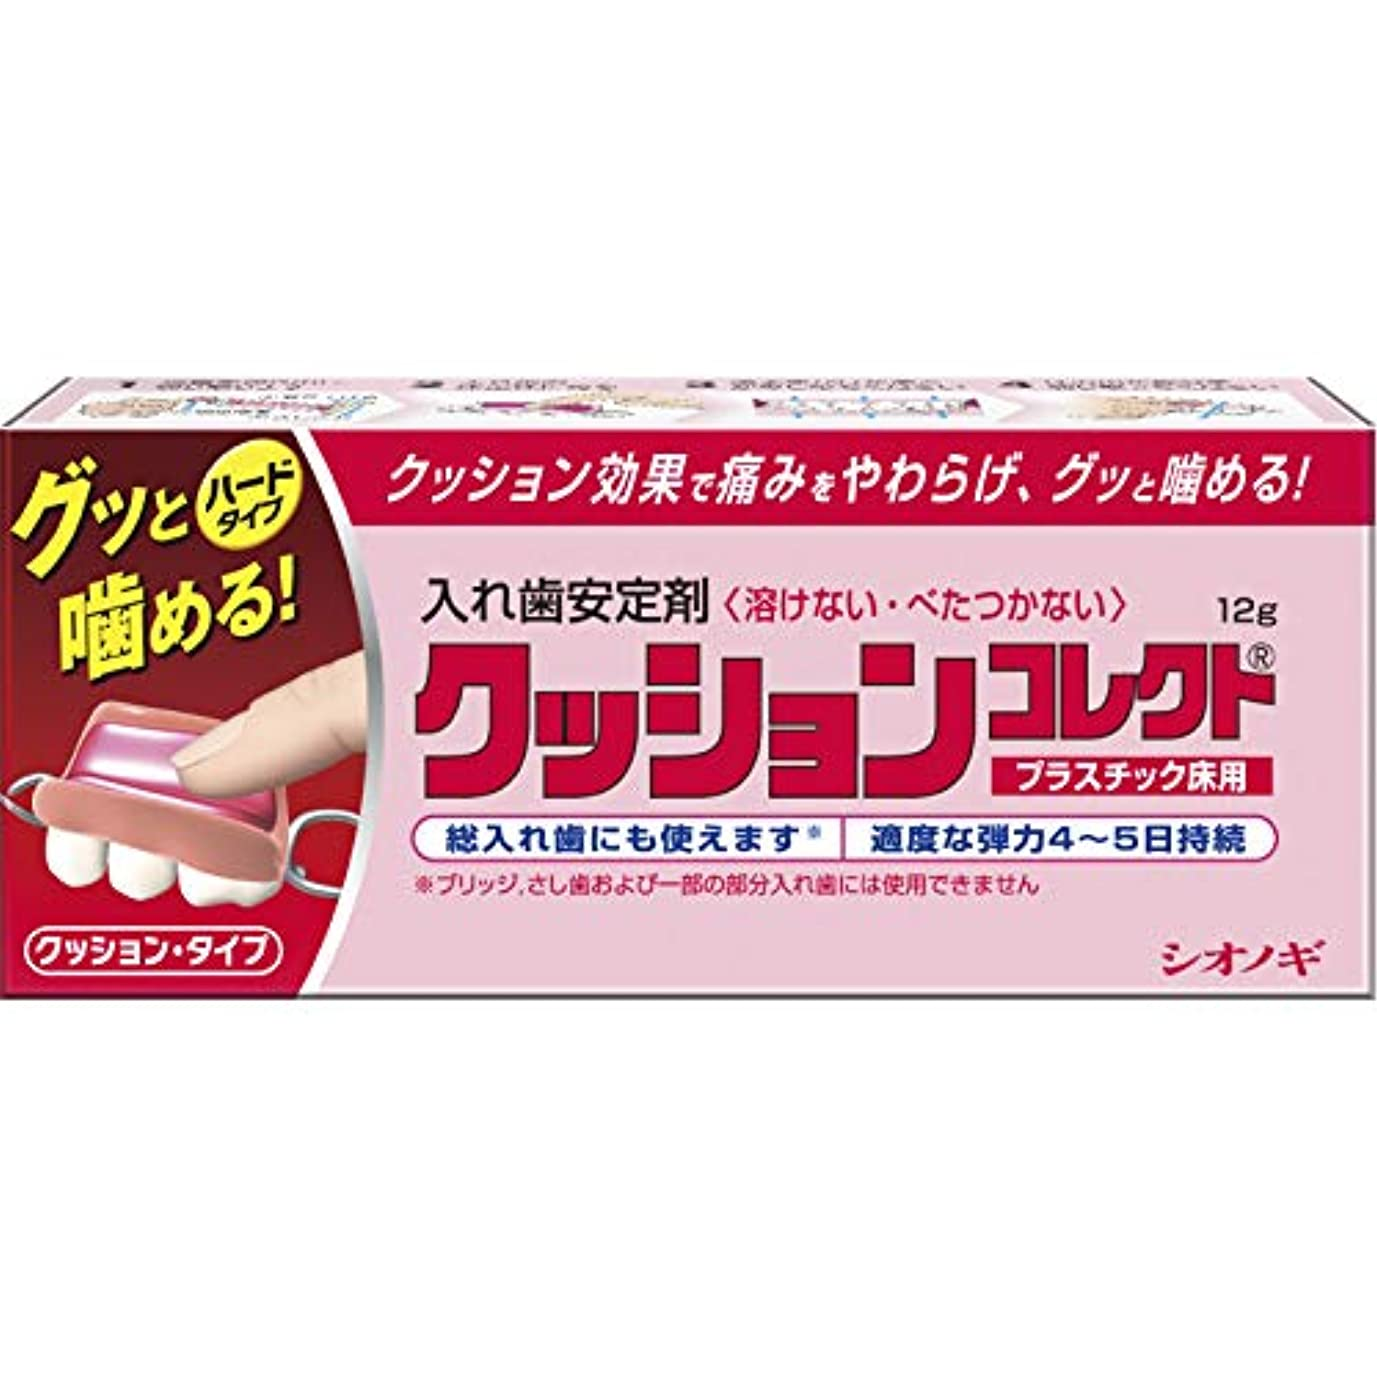 責めピックバナナクッション コレクト 12g